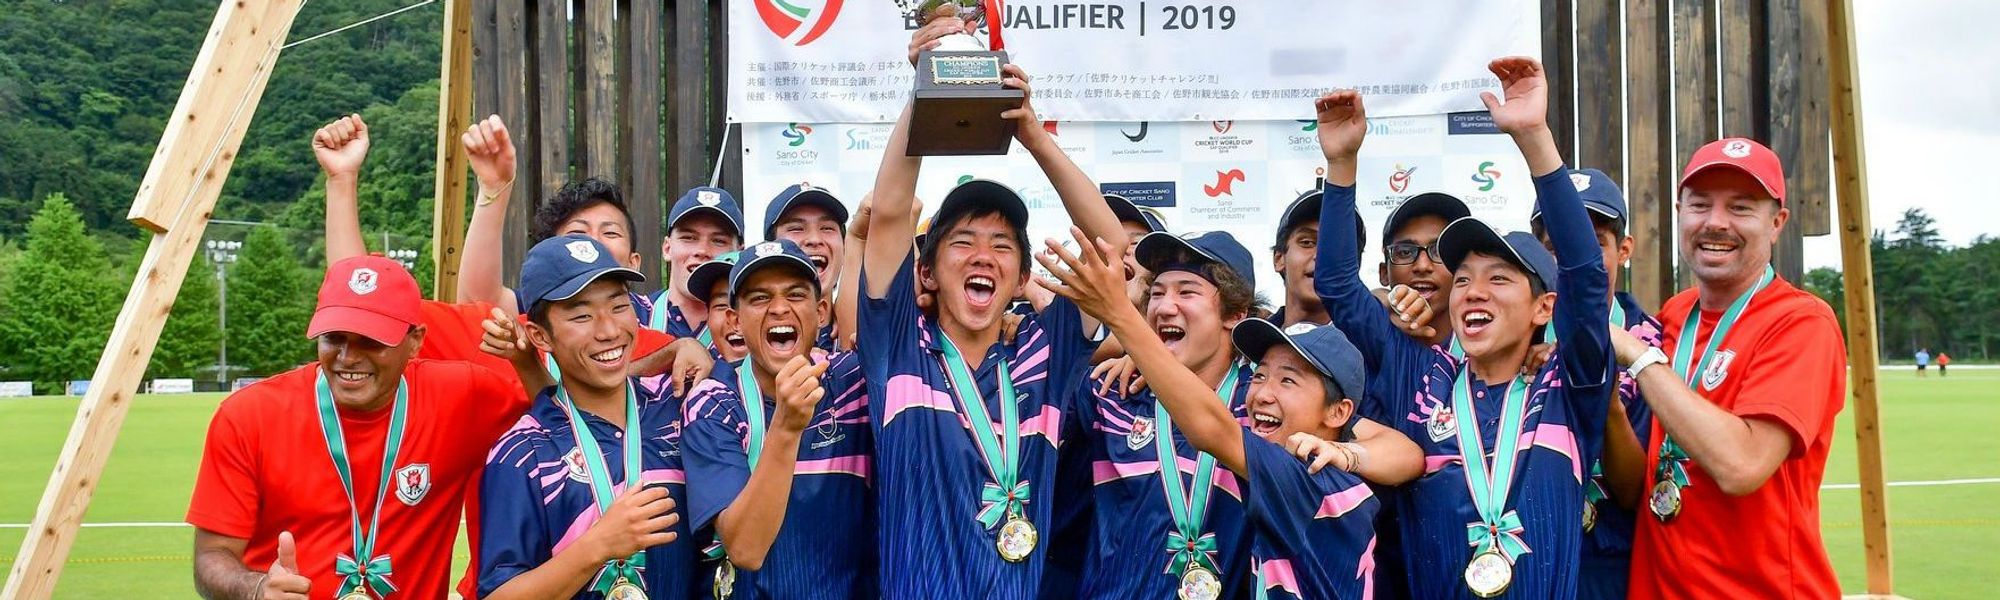 Japan winners of the ICC U19 CWC EAP Qualifier